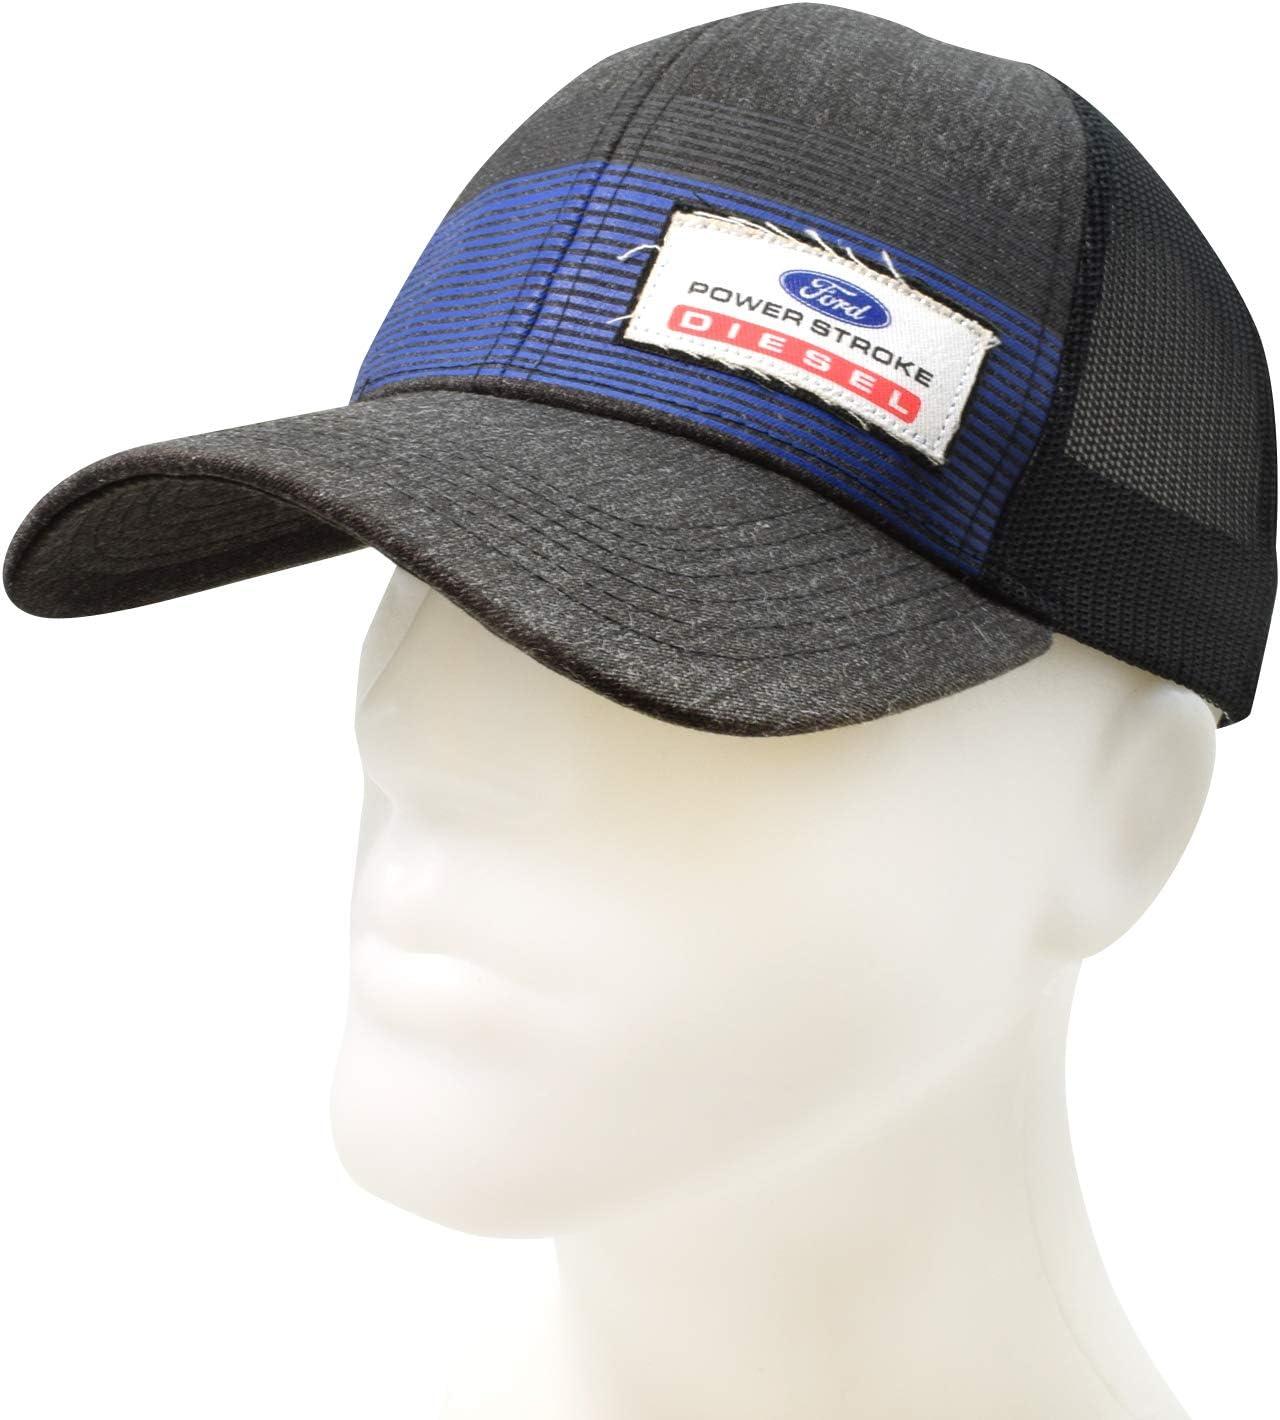 CarBeyondStore Ford Power-Stroke Diesel Mesh Baseball Cap